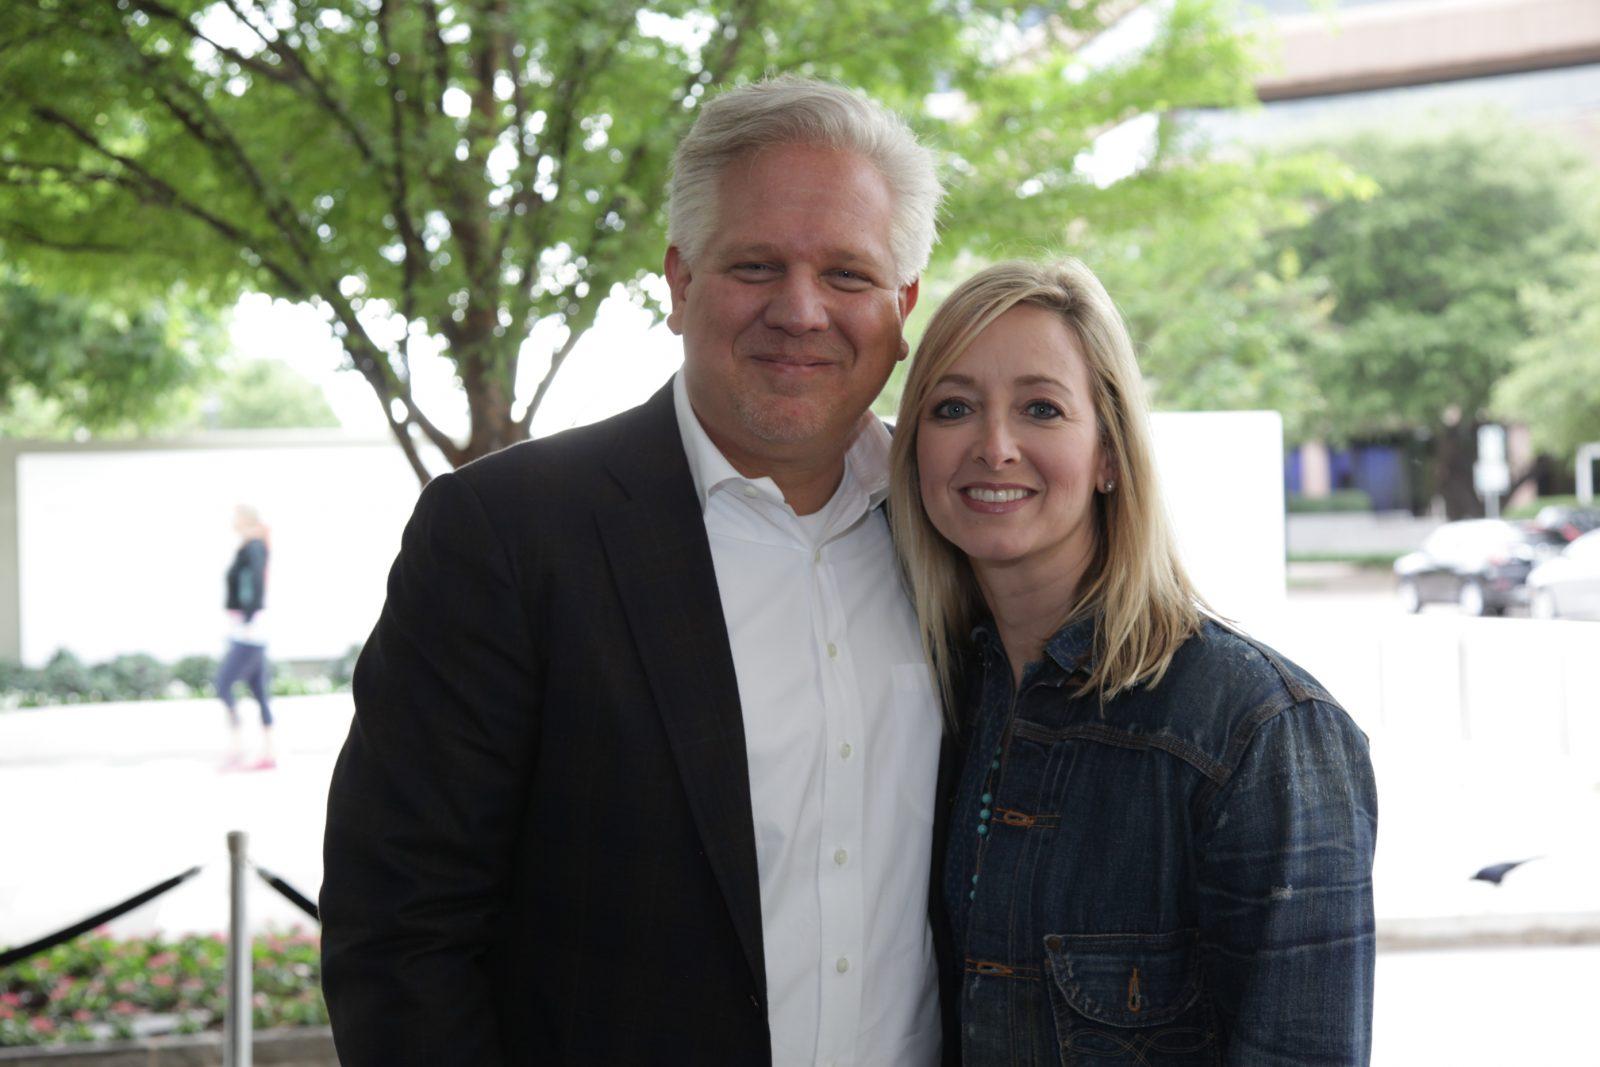 Glenn and Tanya Beck